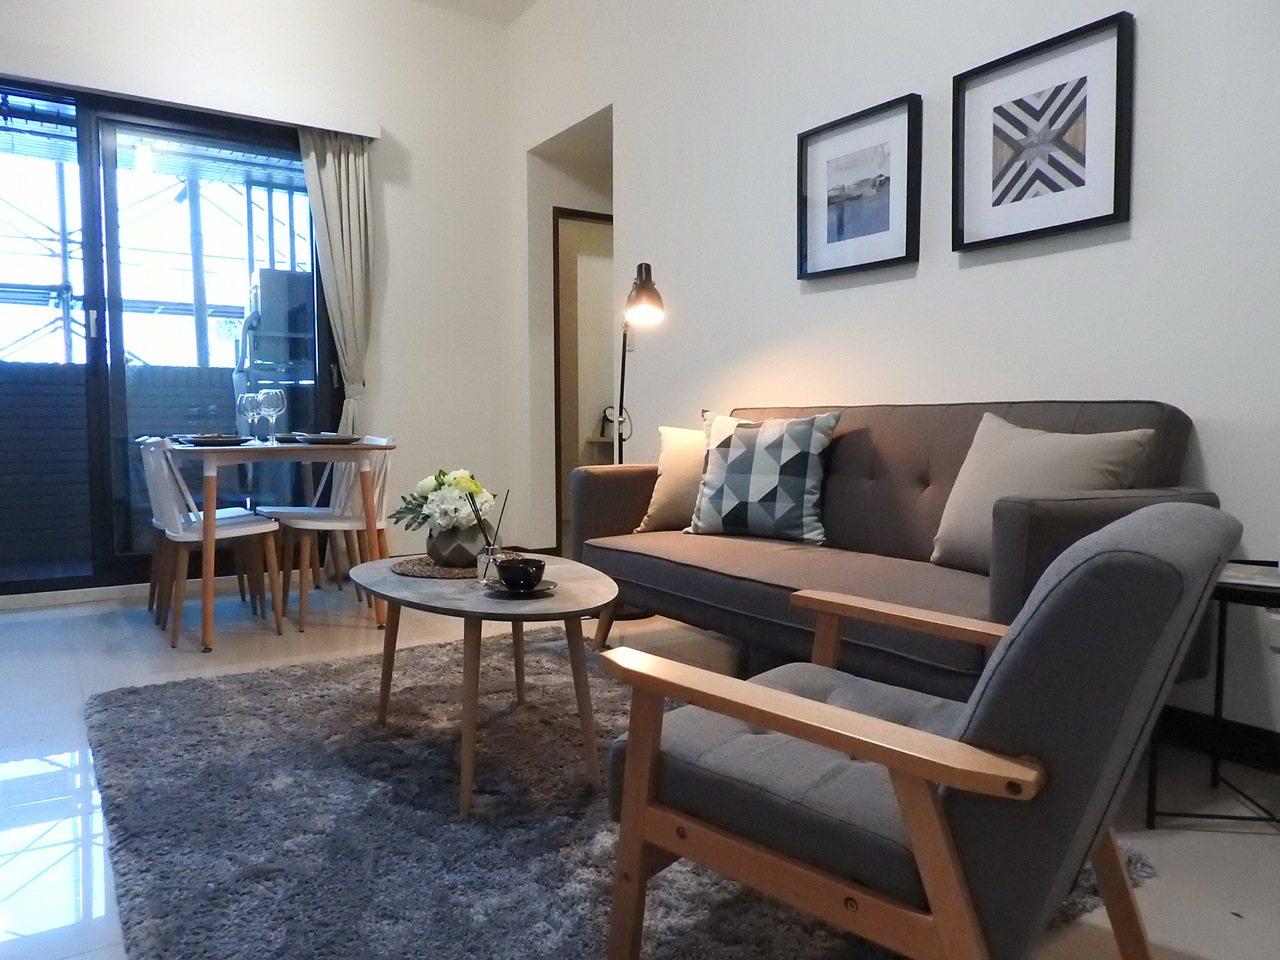 新北市三峽國光段青年社會住宅,均採通用設計,各房型內部都採通用設計、櫥櫃可升降,...